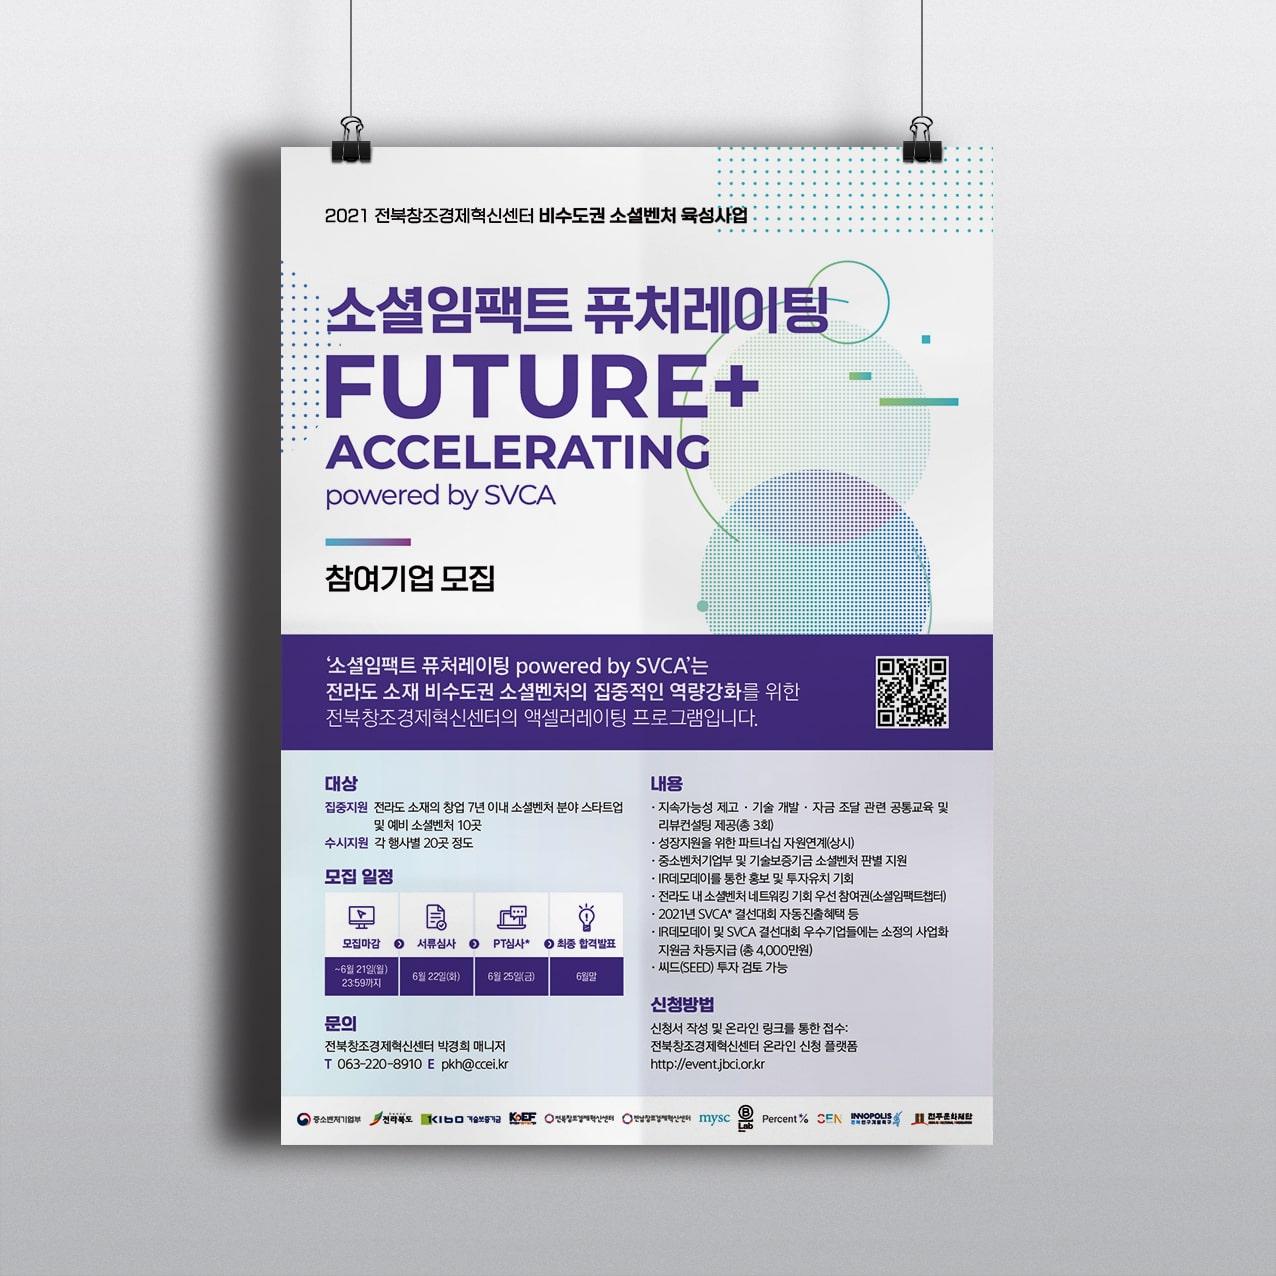 소셜임팩트 퓨처레이팅 참여기업 모집 - mysc